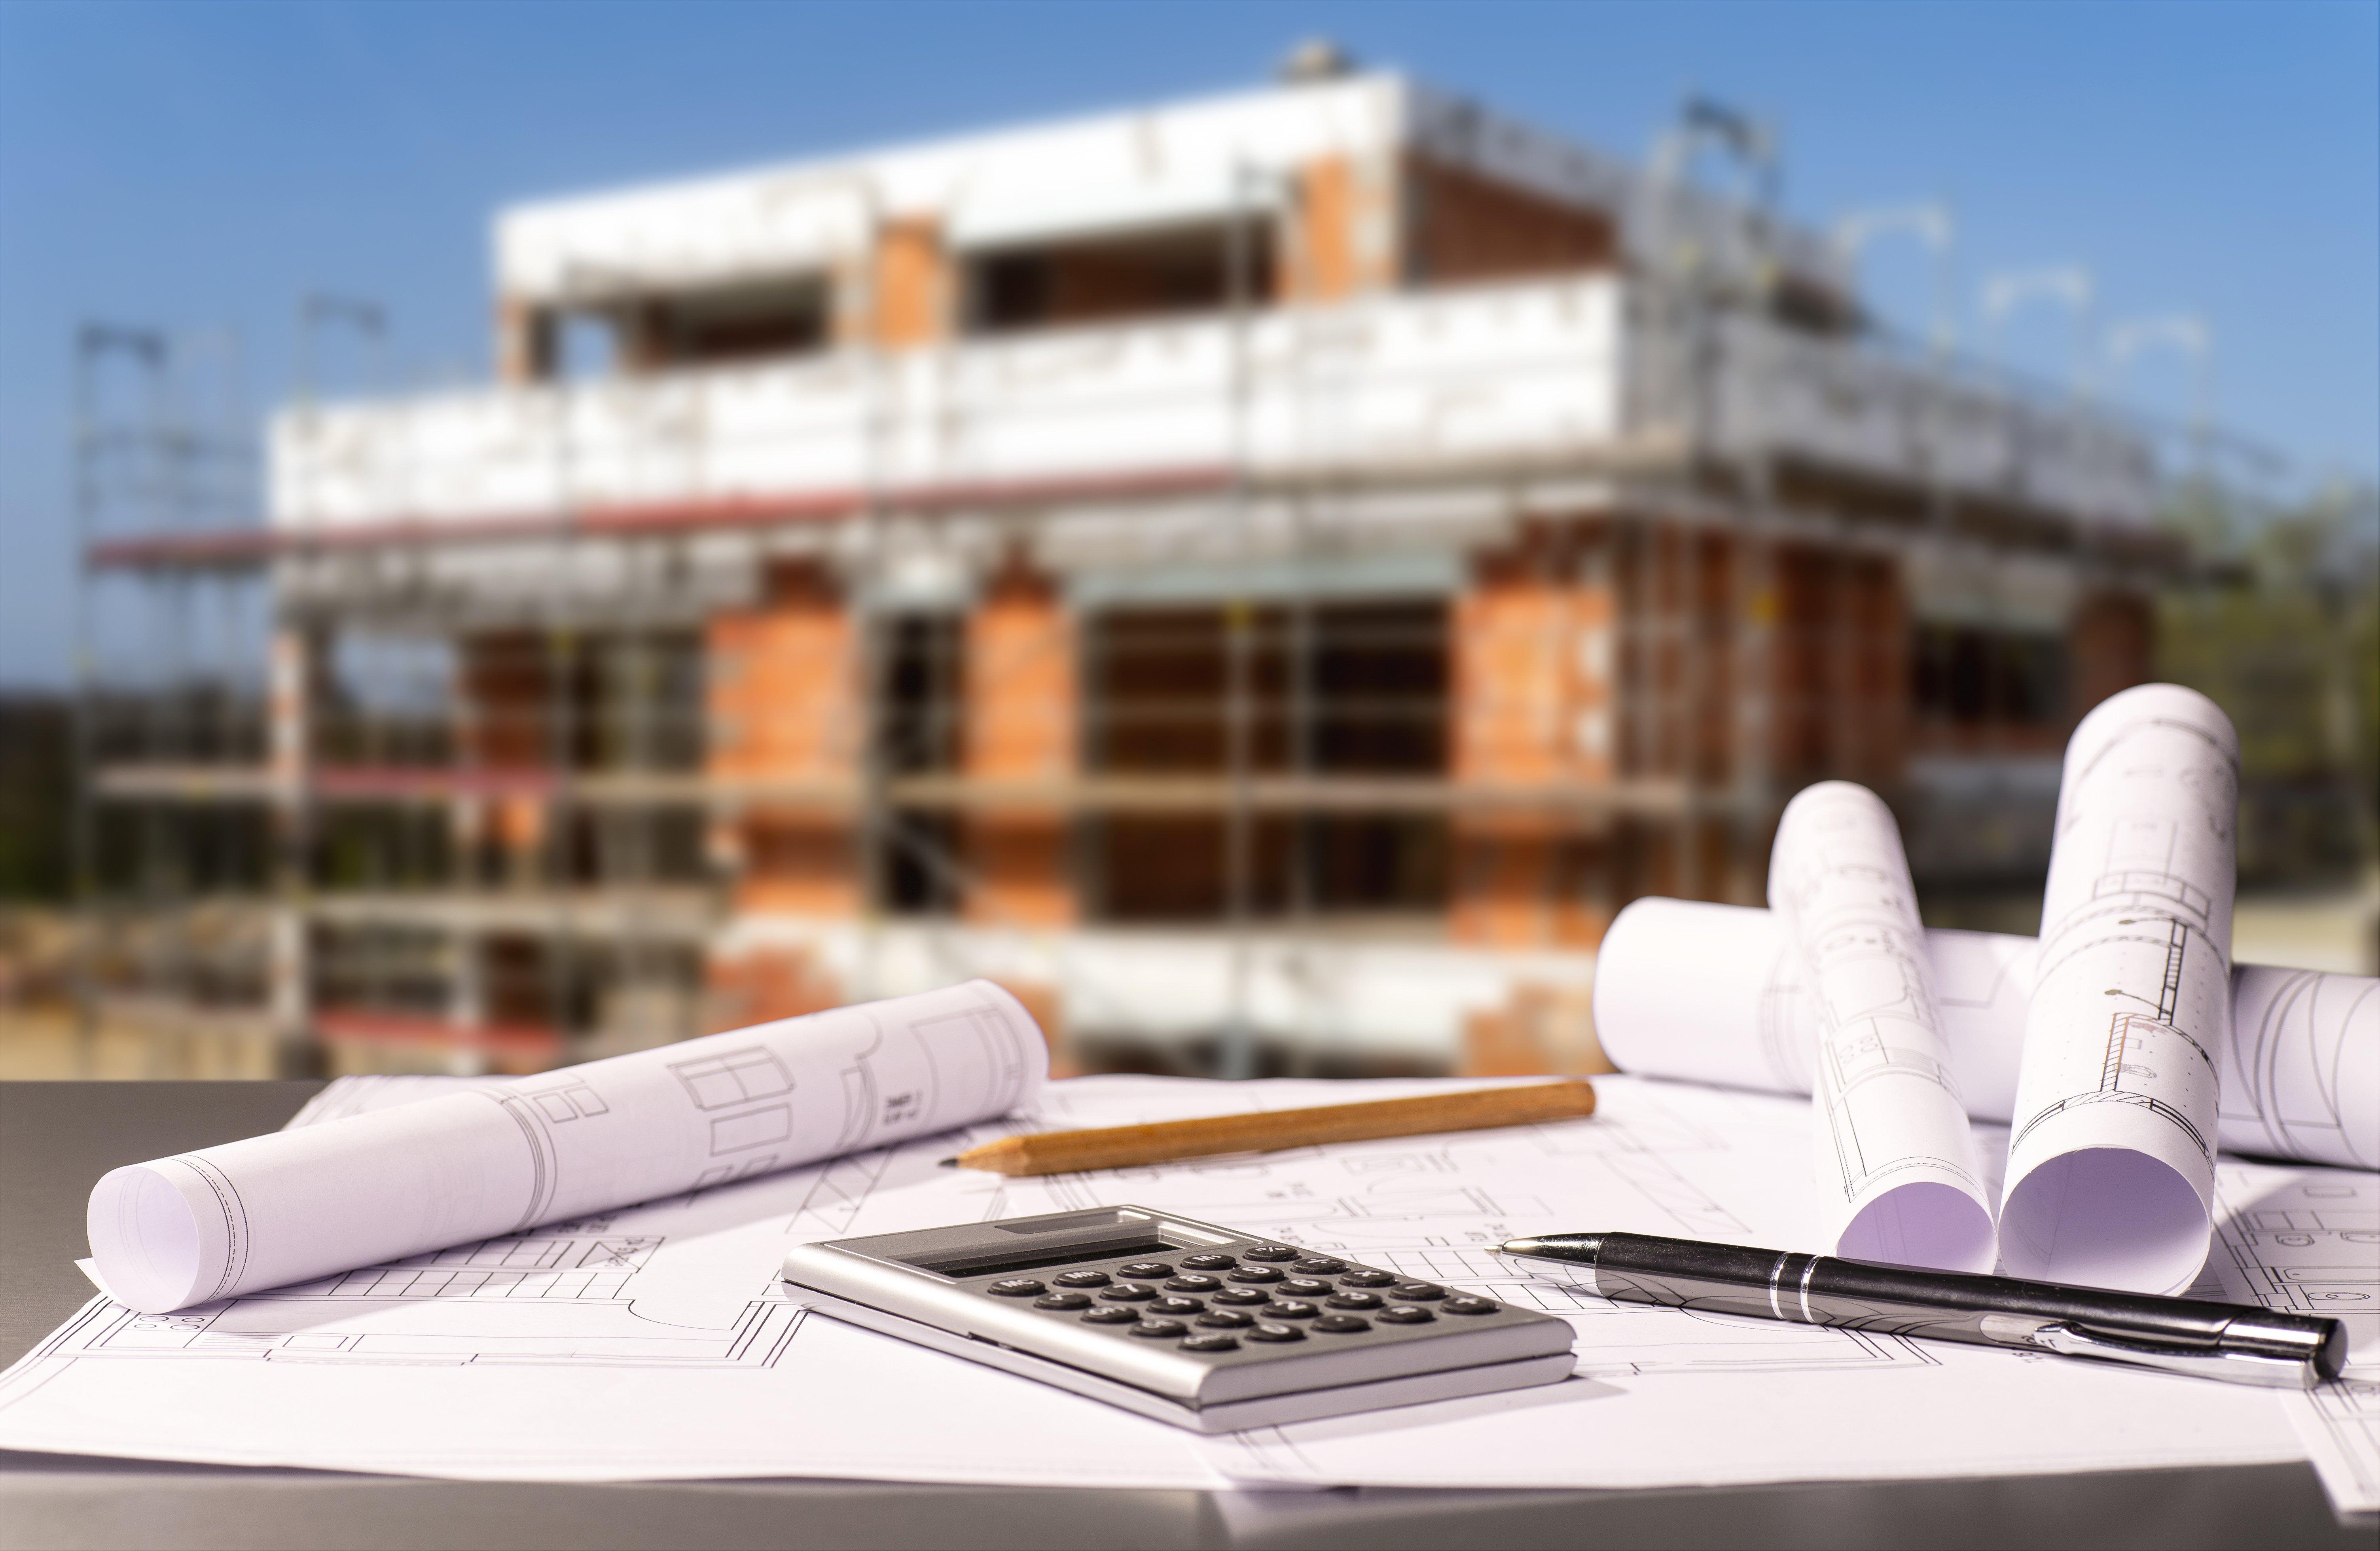 Baupläne mit Taschenrechner und einem Rohbau im Hintergrund